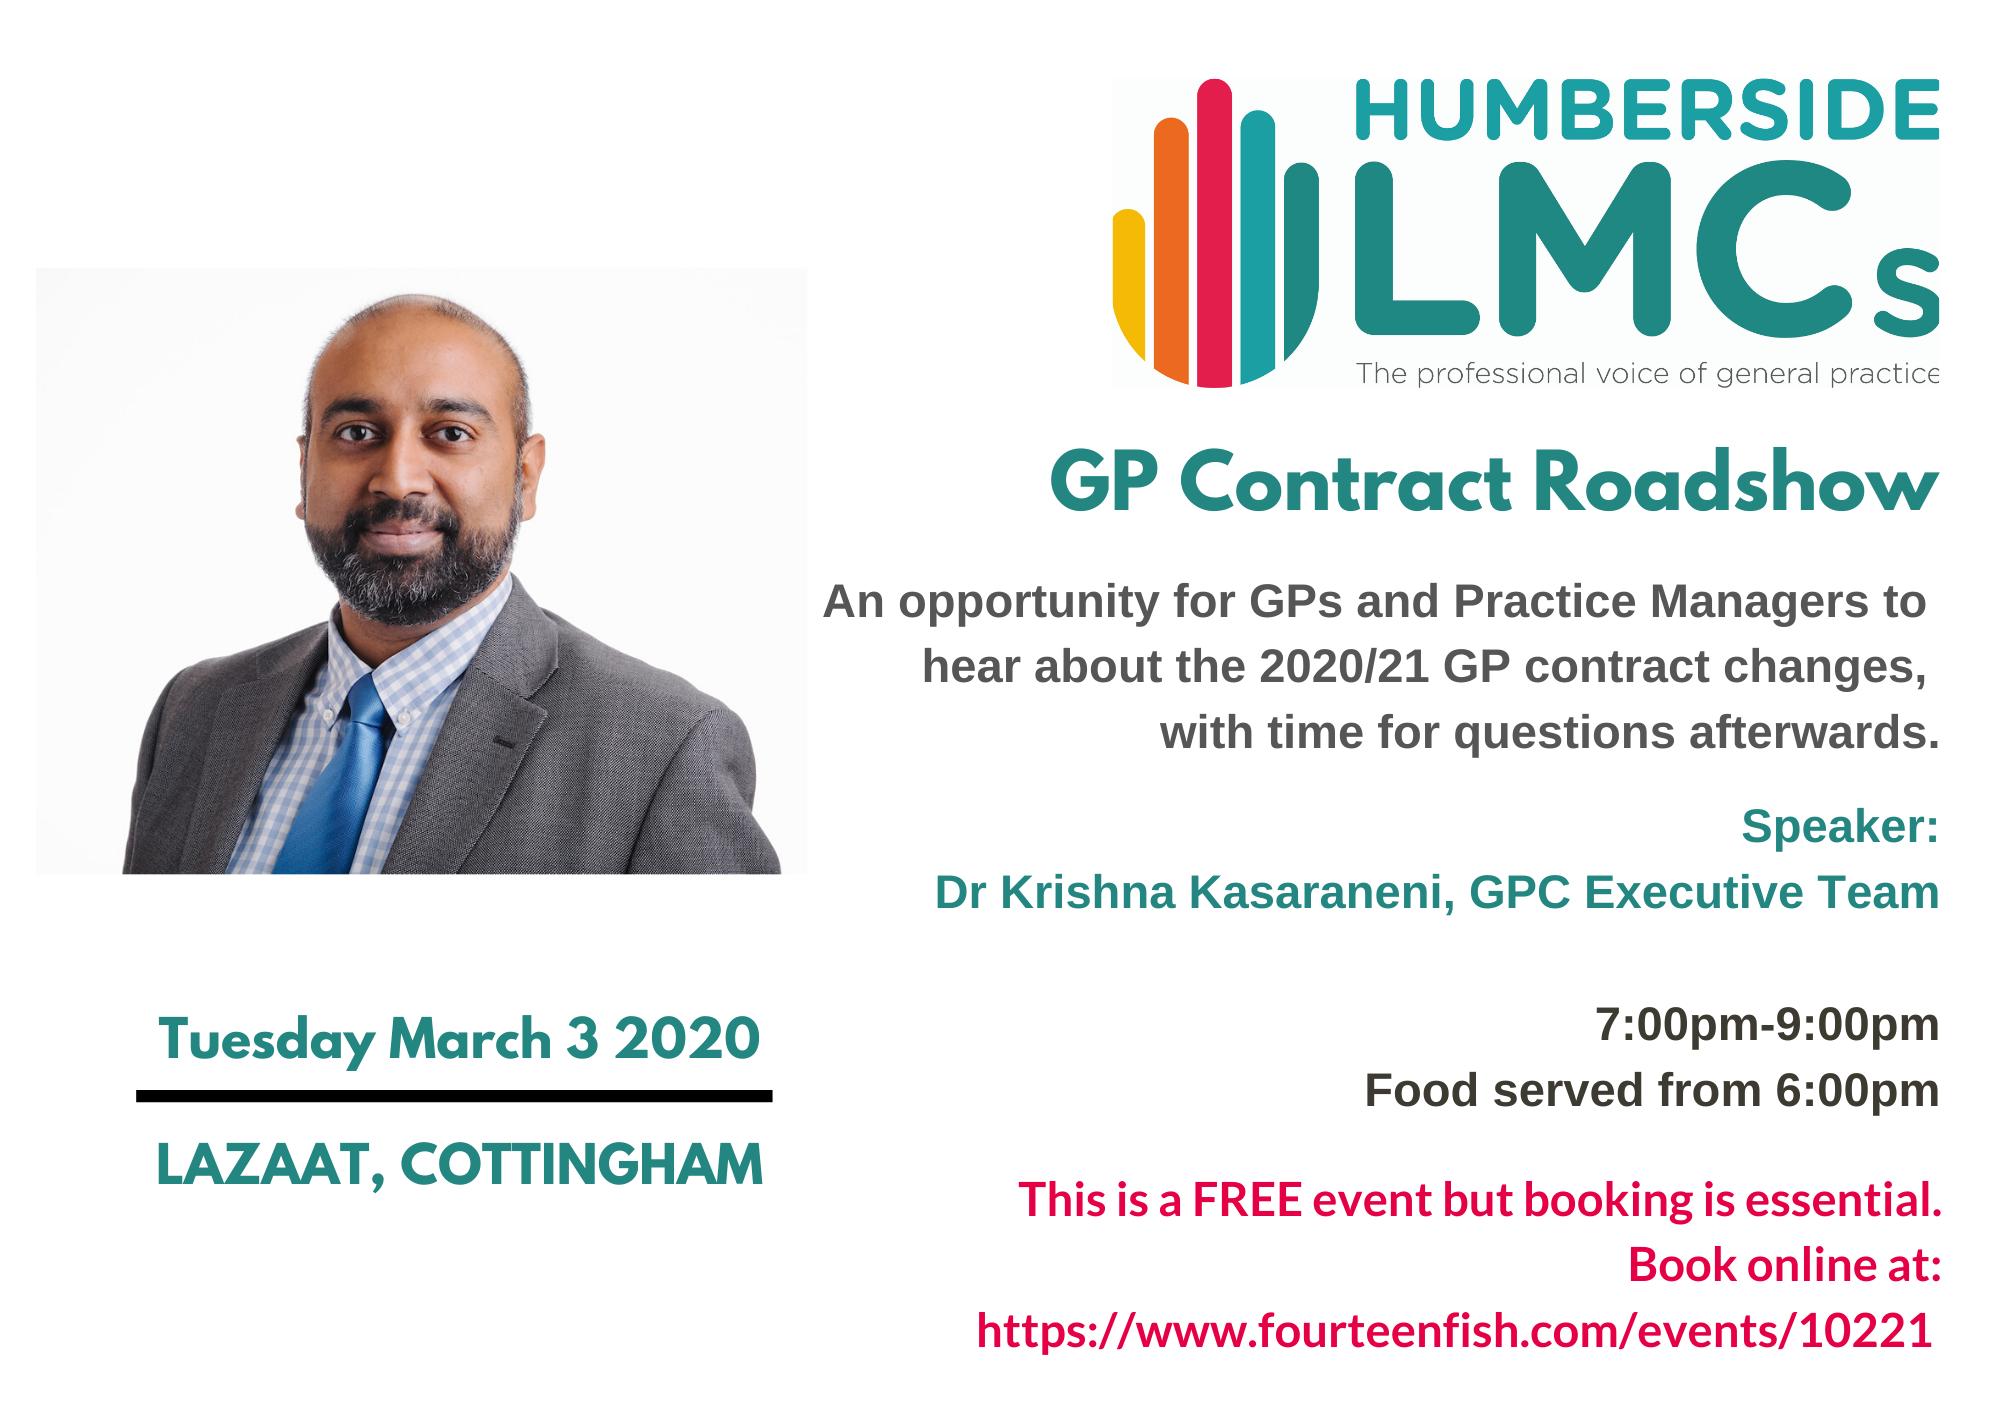 GPC Contract Roadshow 03/03/20